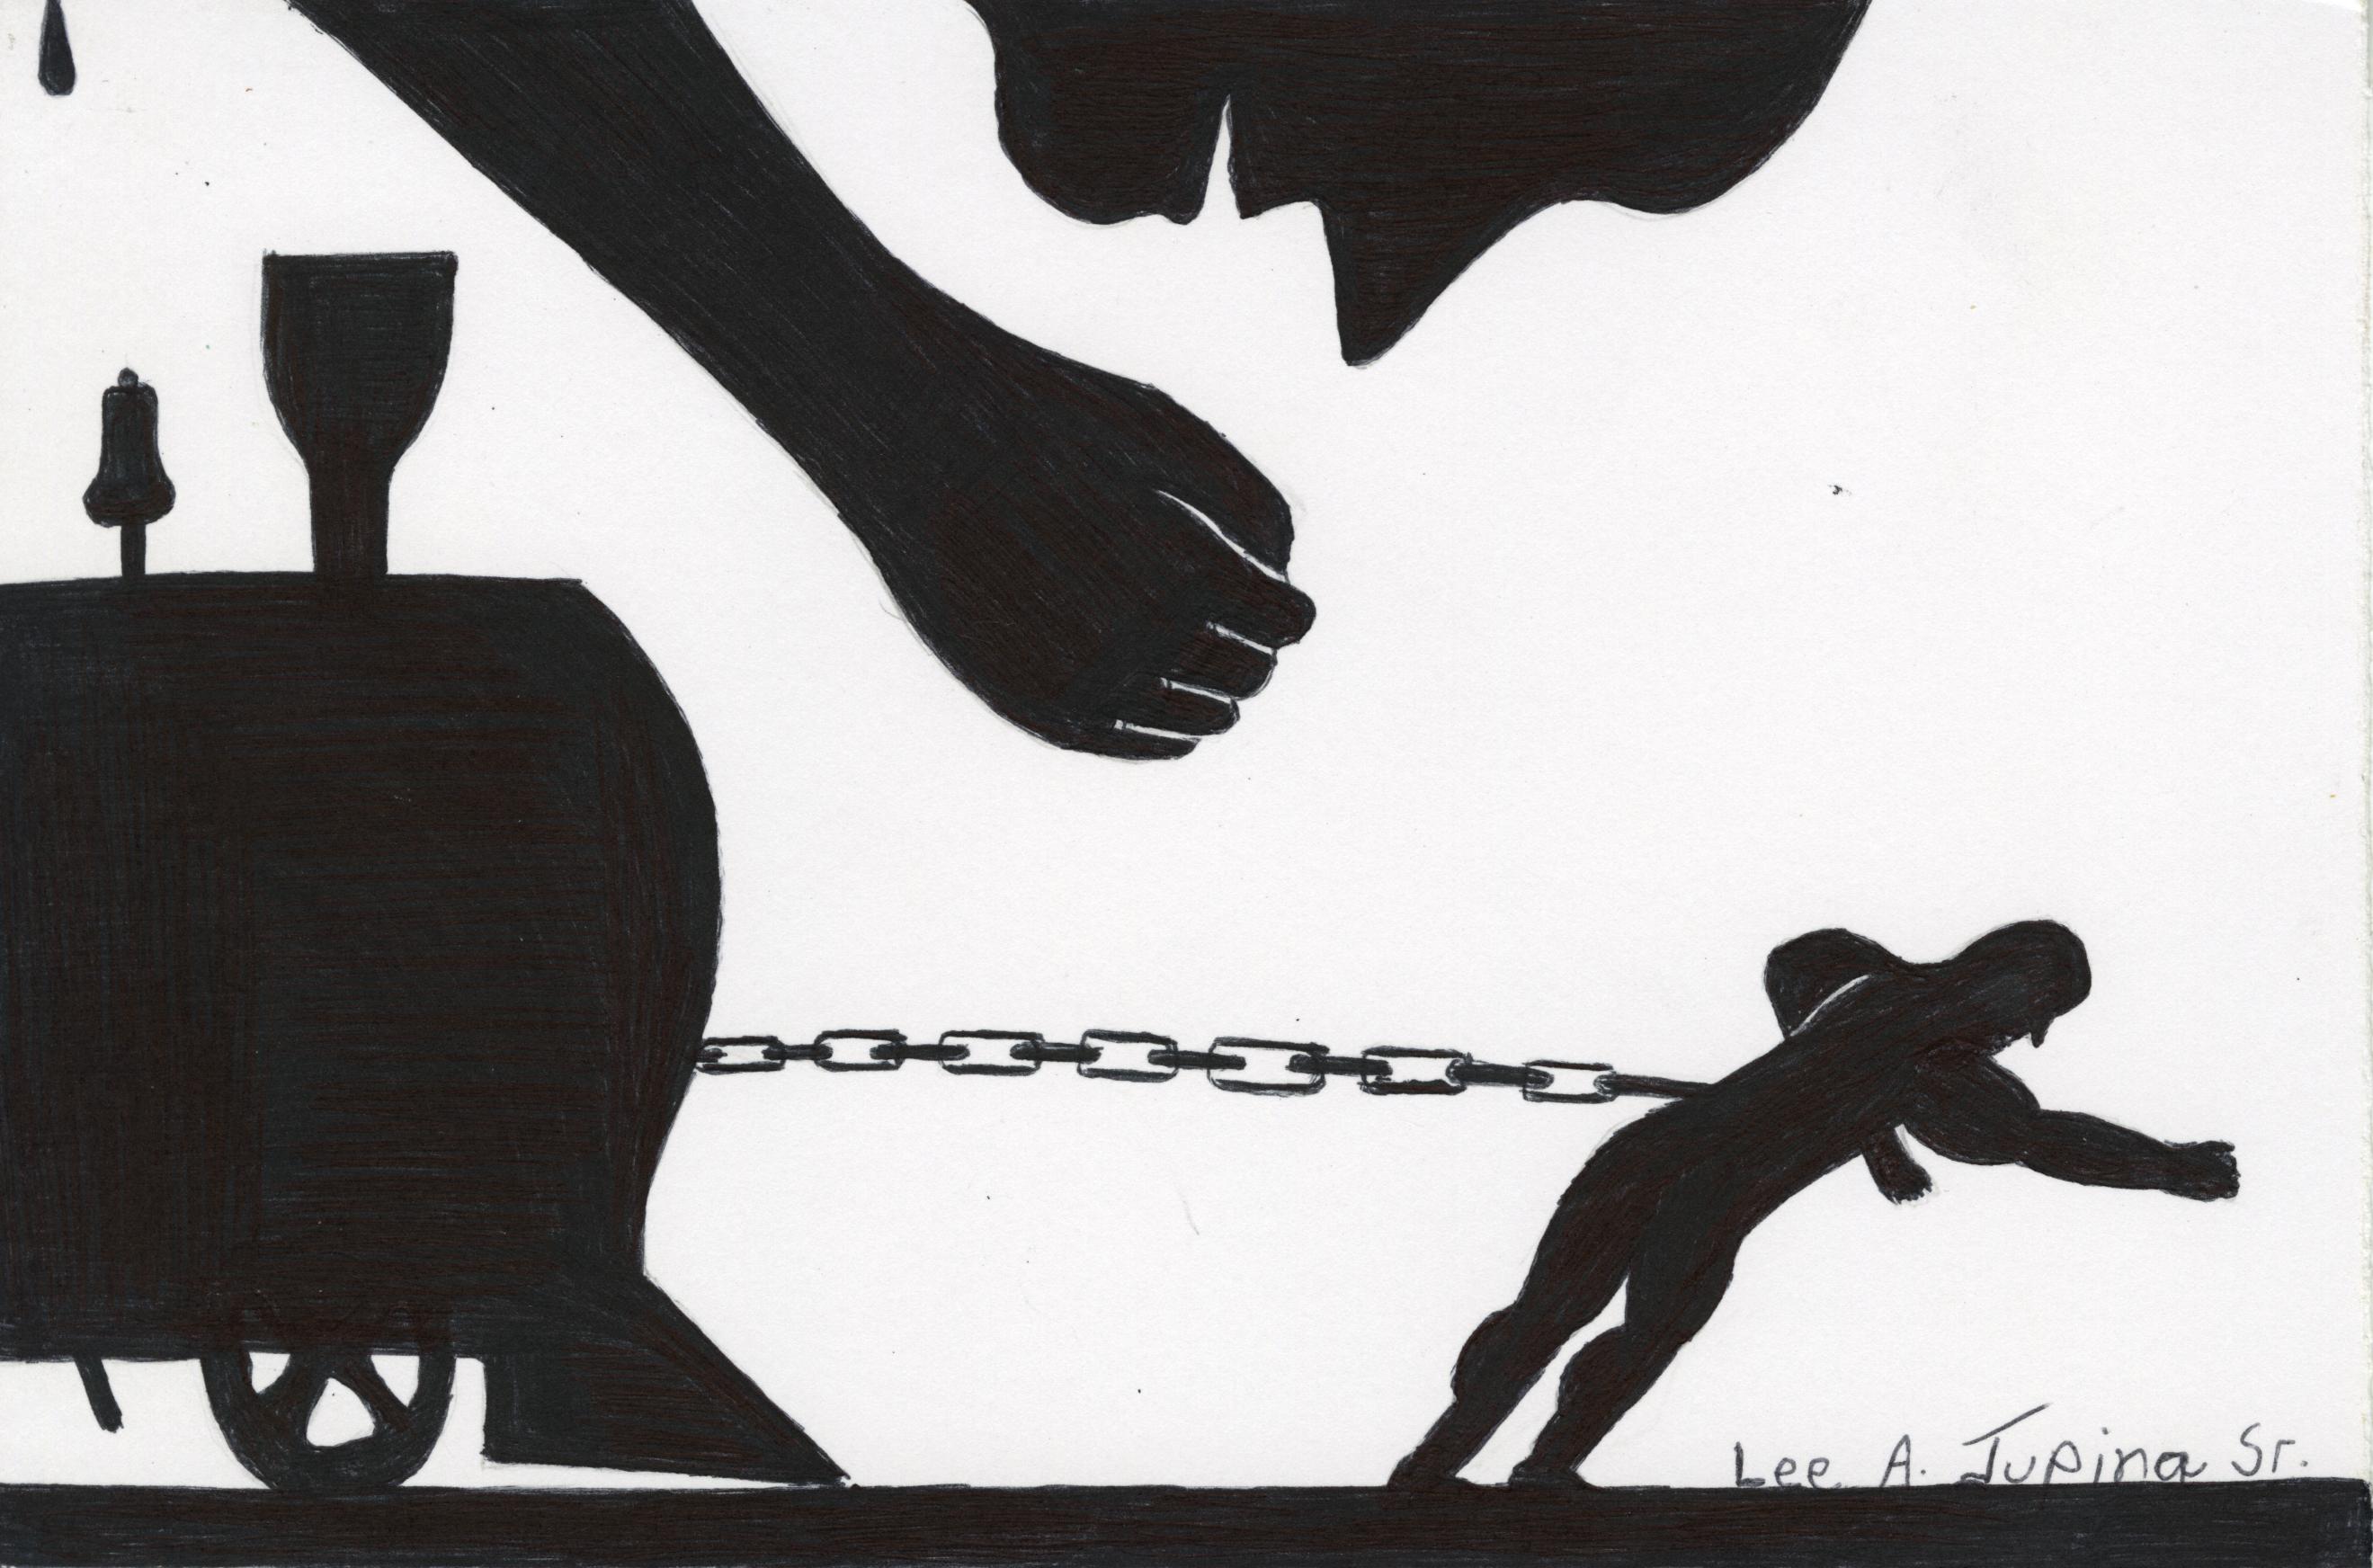 Prison Art Lee Jupina